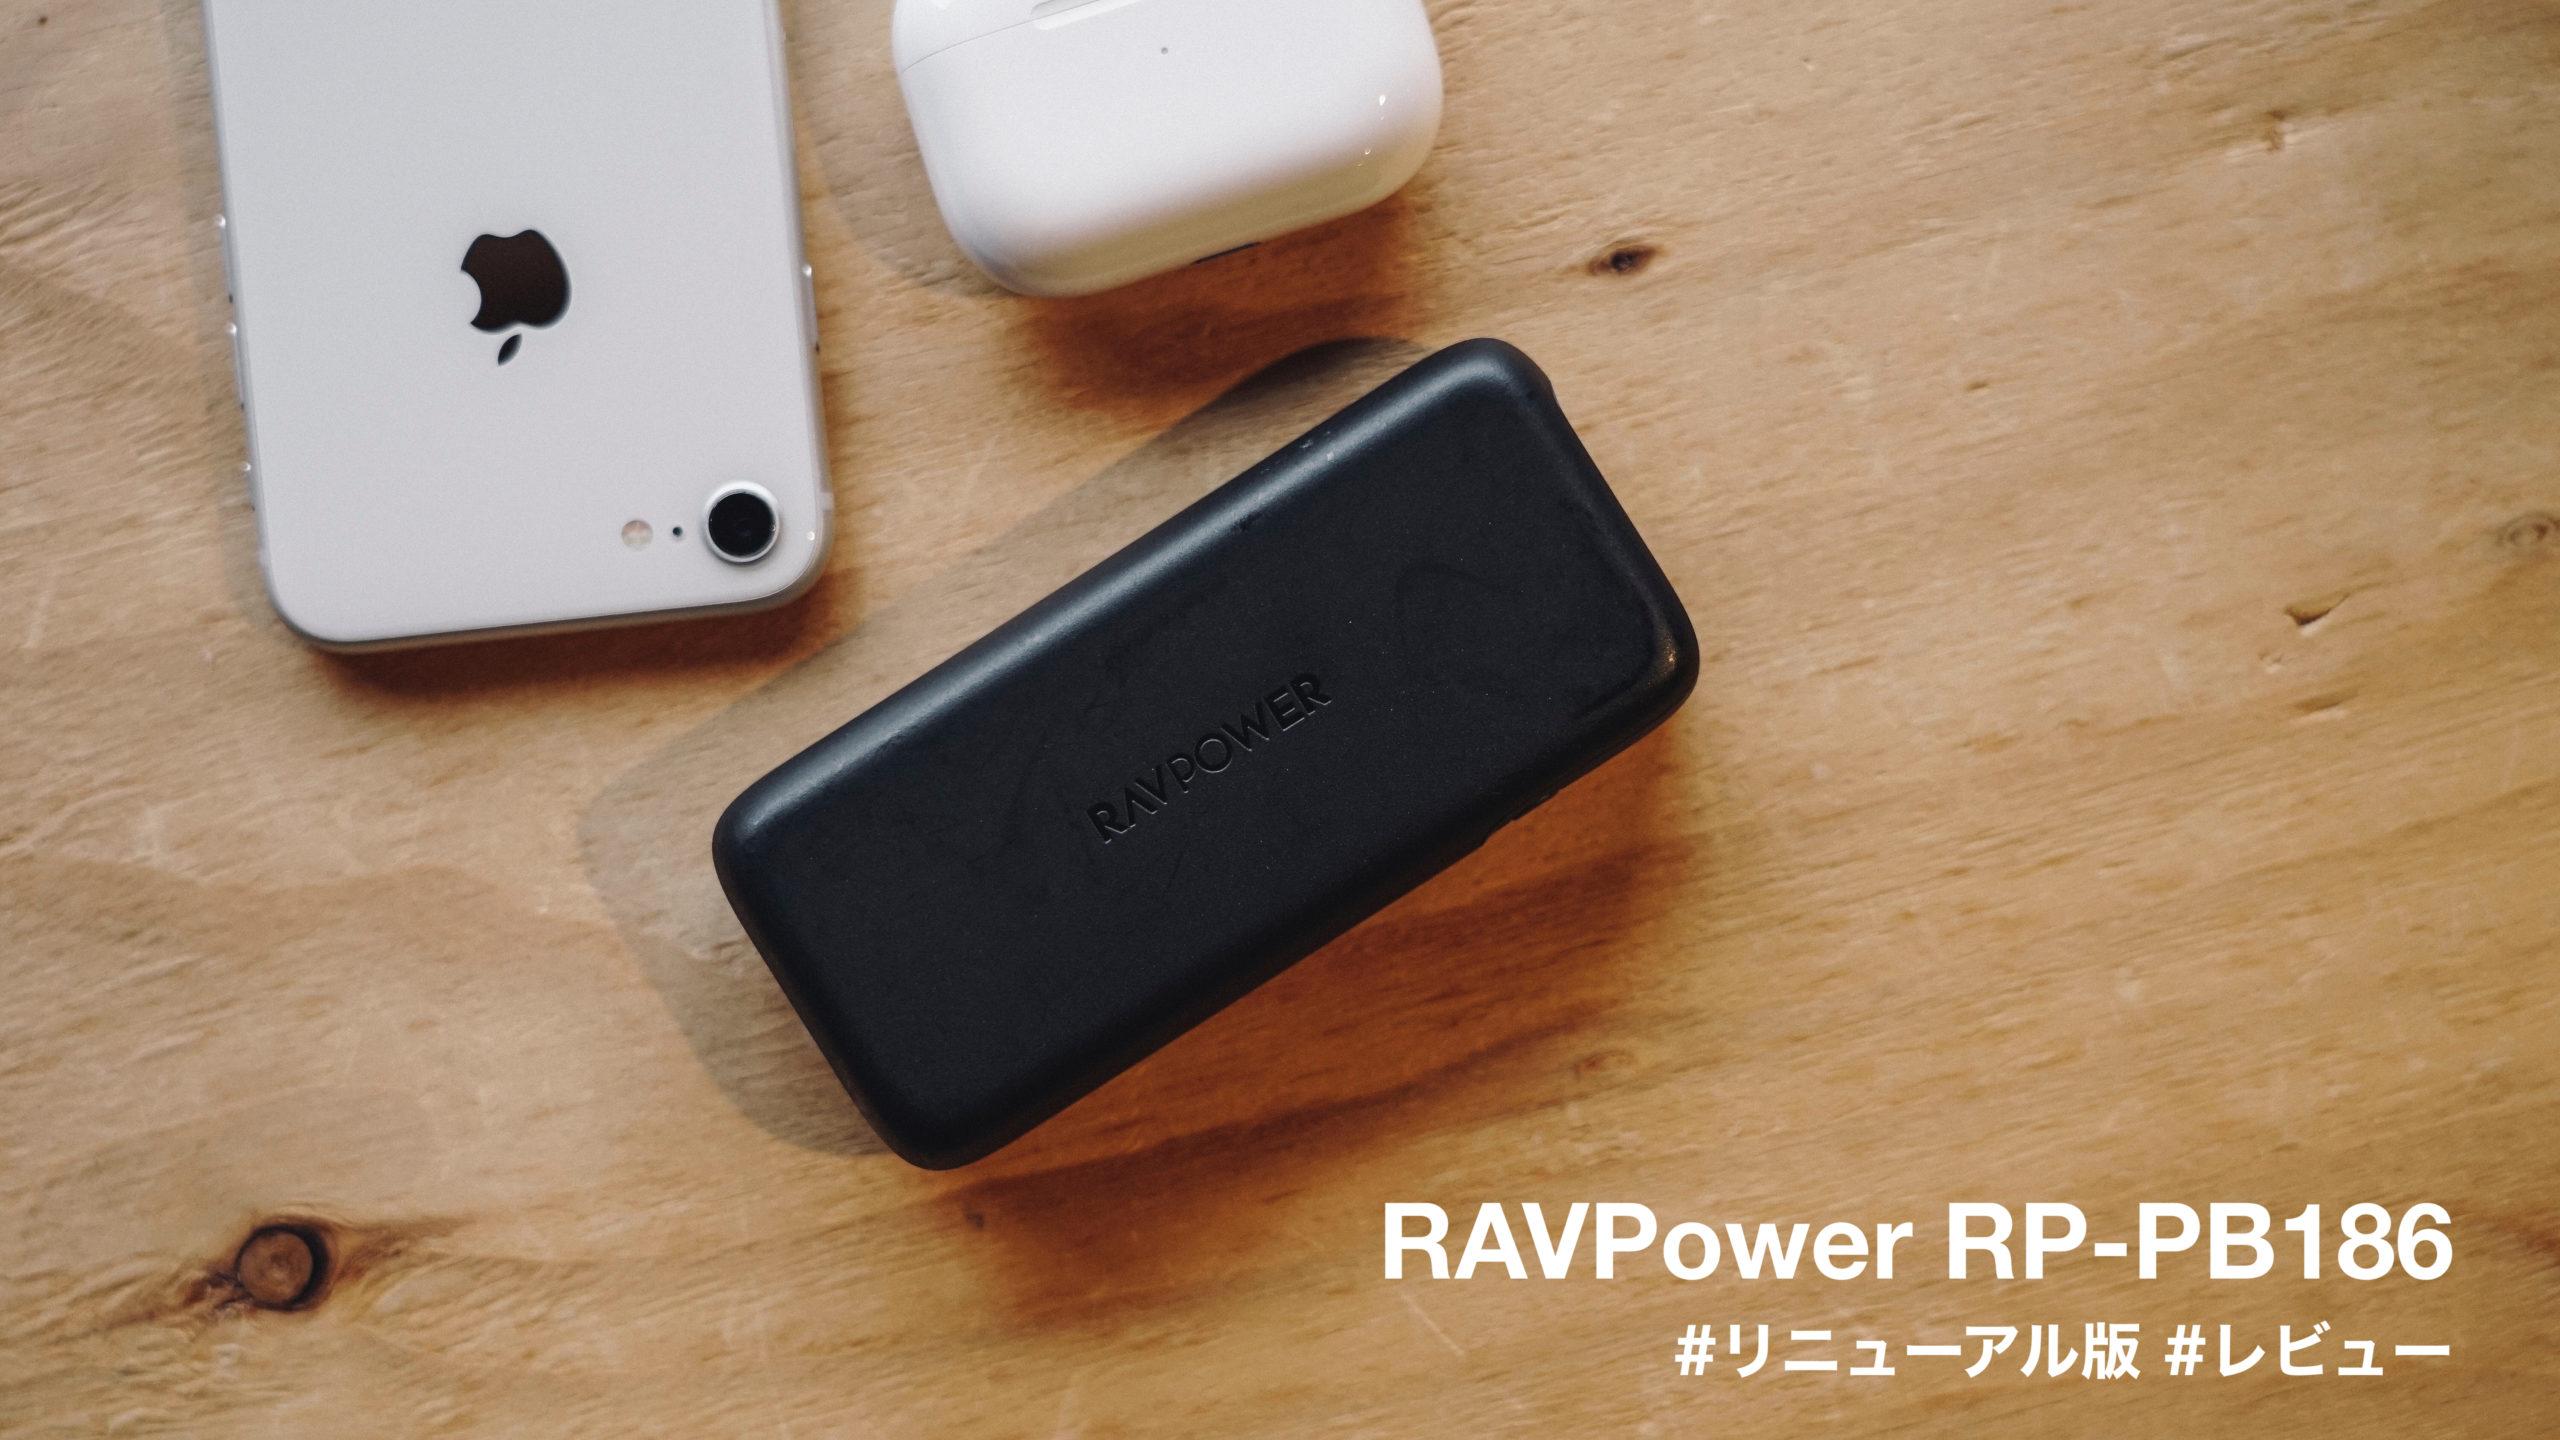 【レビュー】RAVPower RP-PB186│台風シーズンに備えの1台・日常使いにもピッタリのモバイルバッテリー